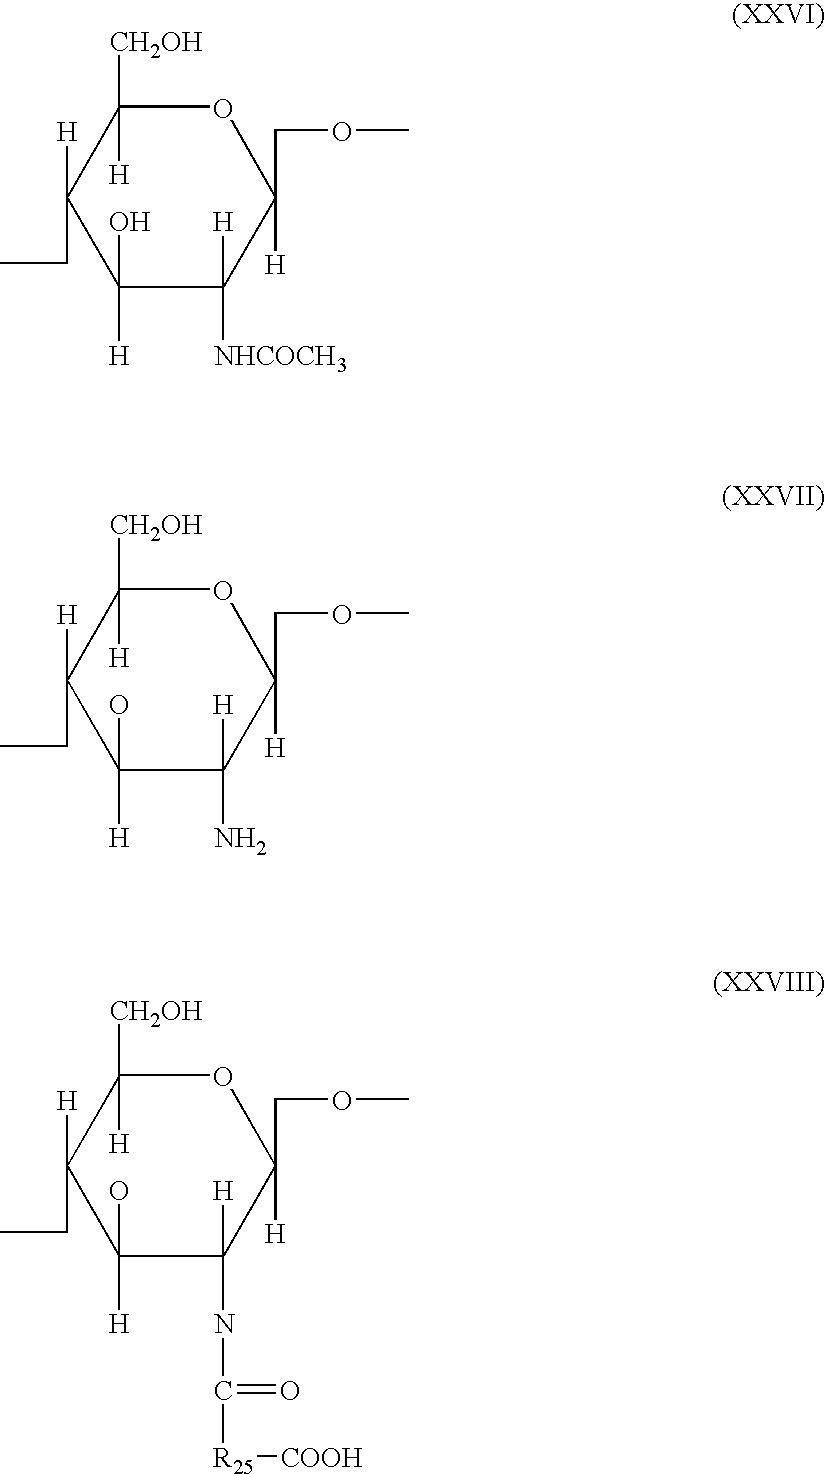 Figure US20040163186A1-20040826-C00022